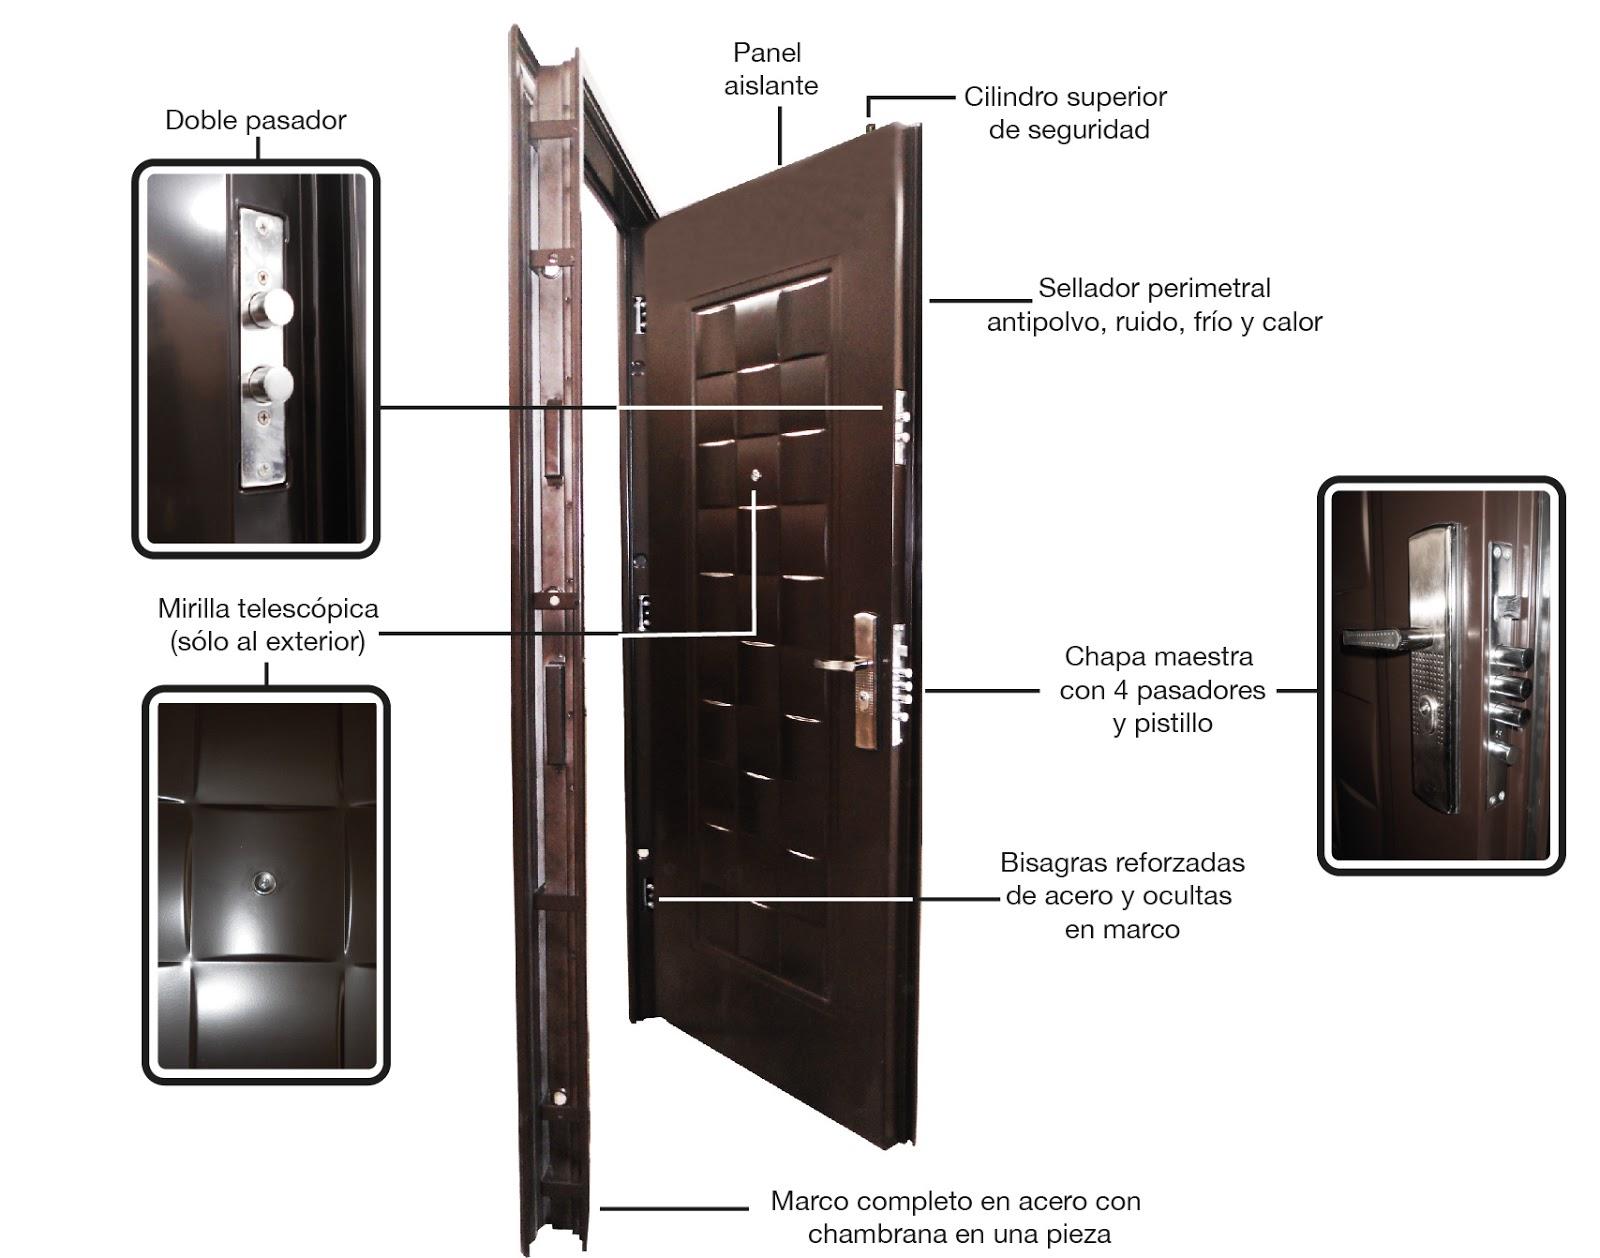 XE Seguridad - Puertas Residenciales de Alta Seguridad | Expo Ambientes